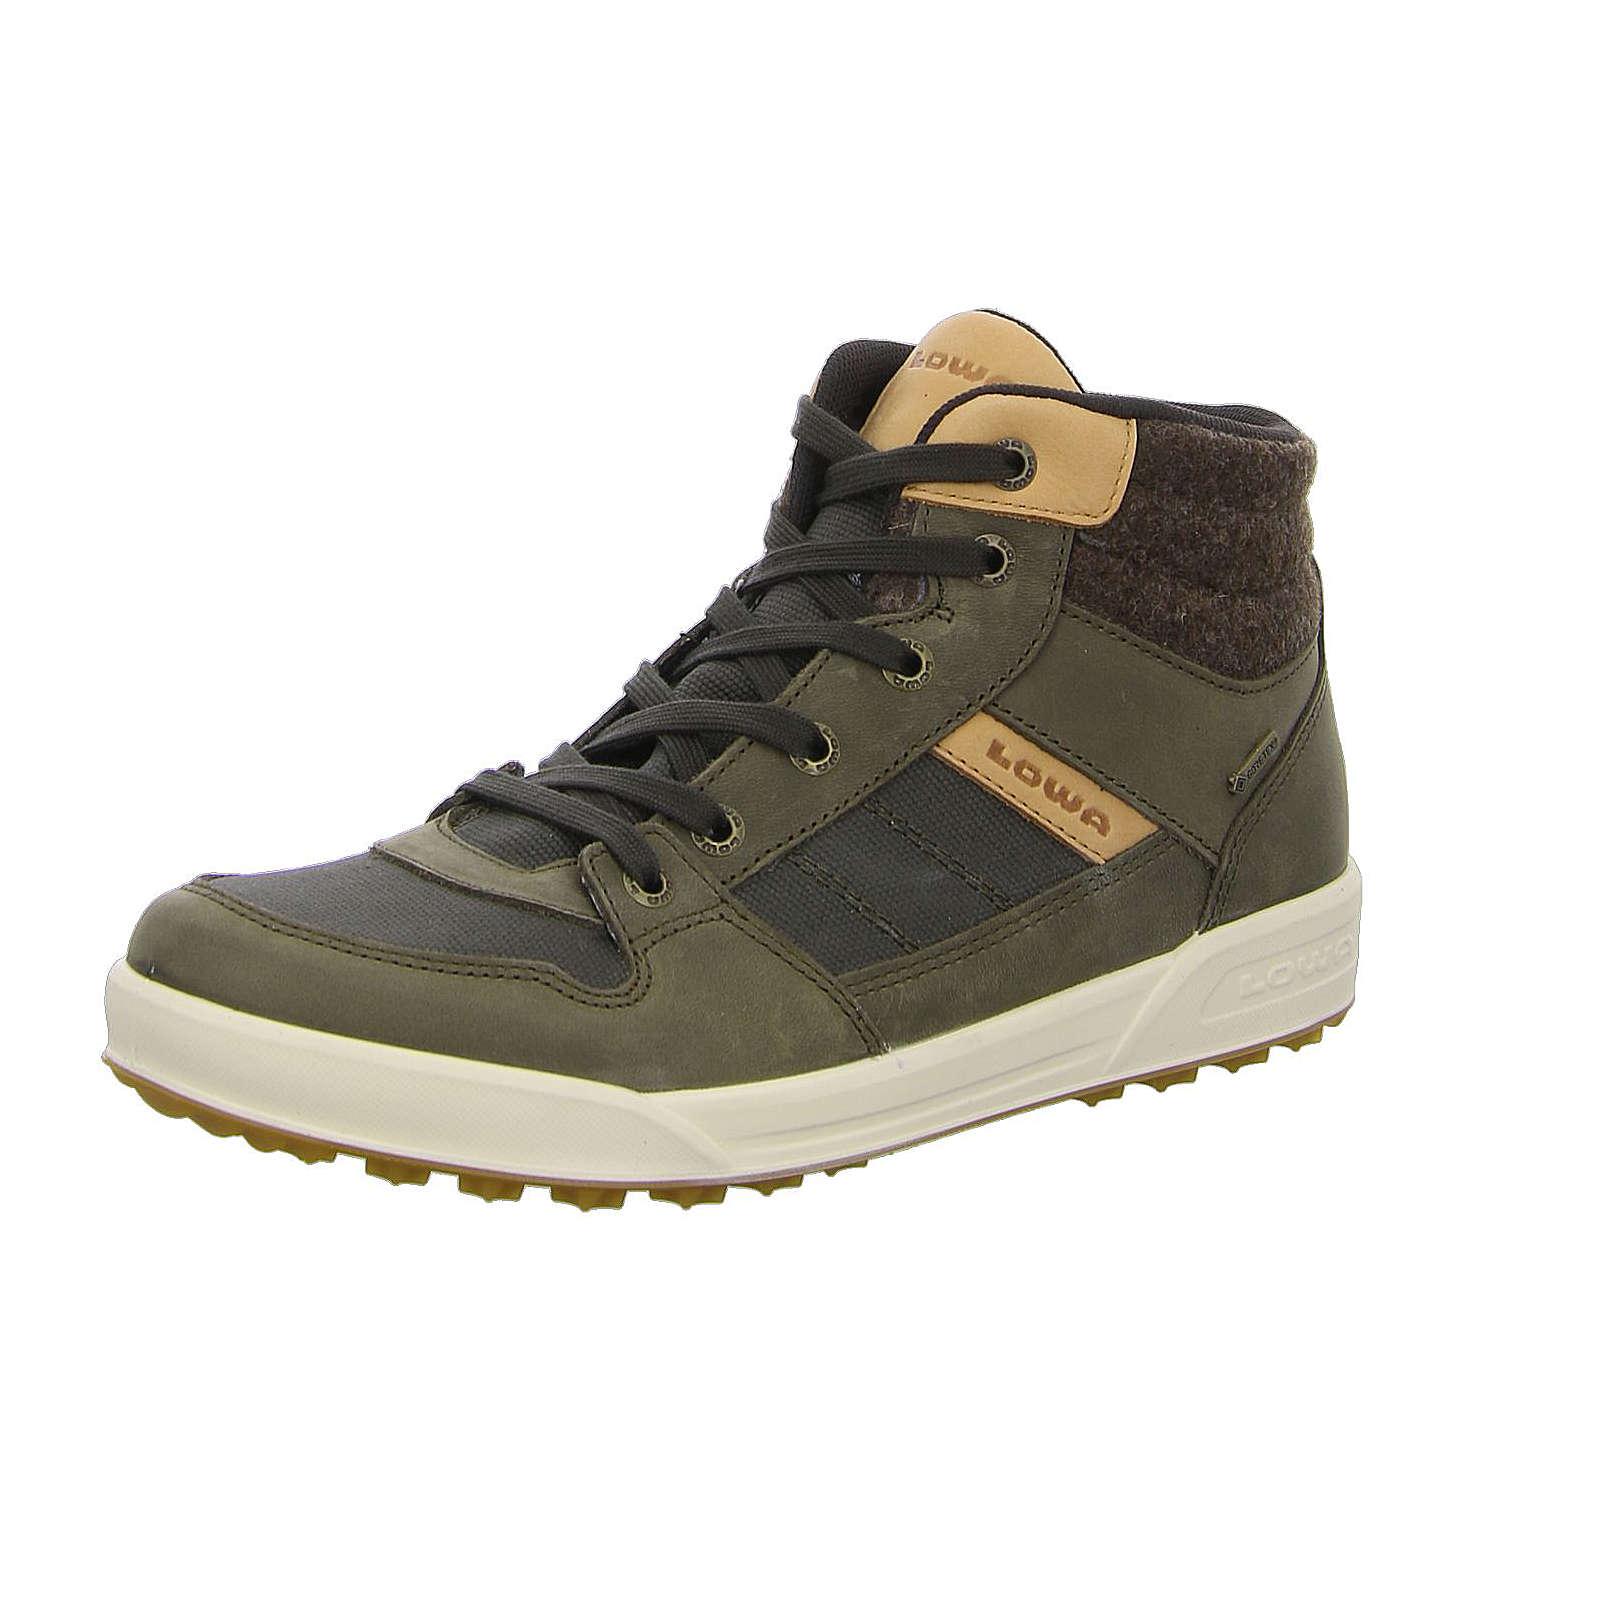 LOWA Sneakers High grün Herren Gr. 44